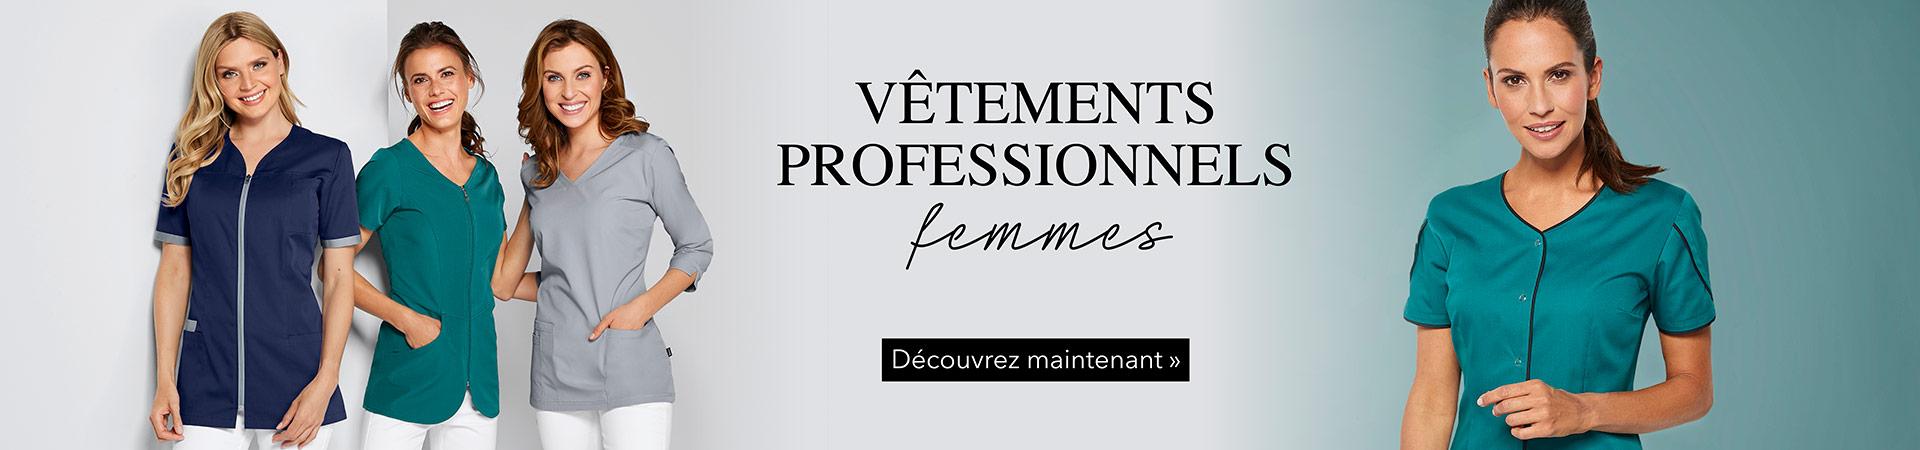 Vêtements professionnels femmes